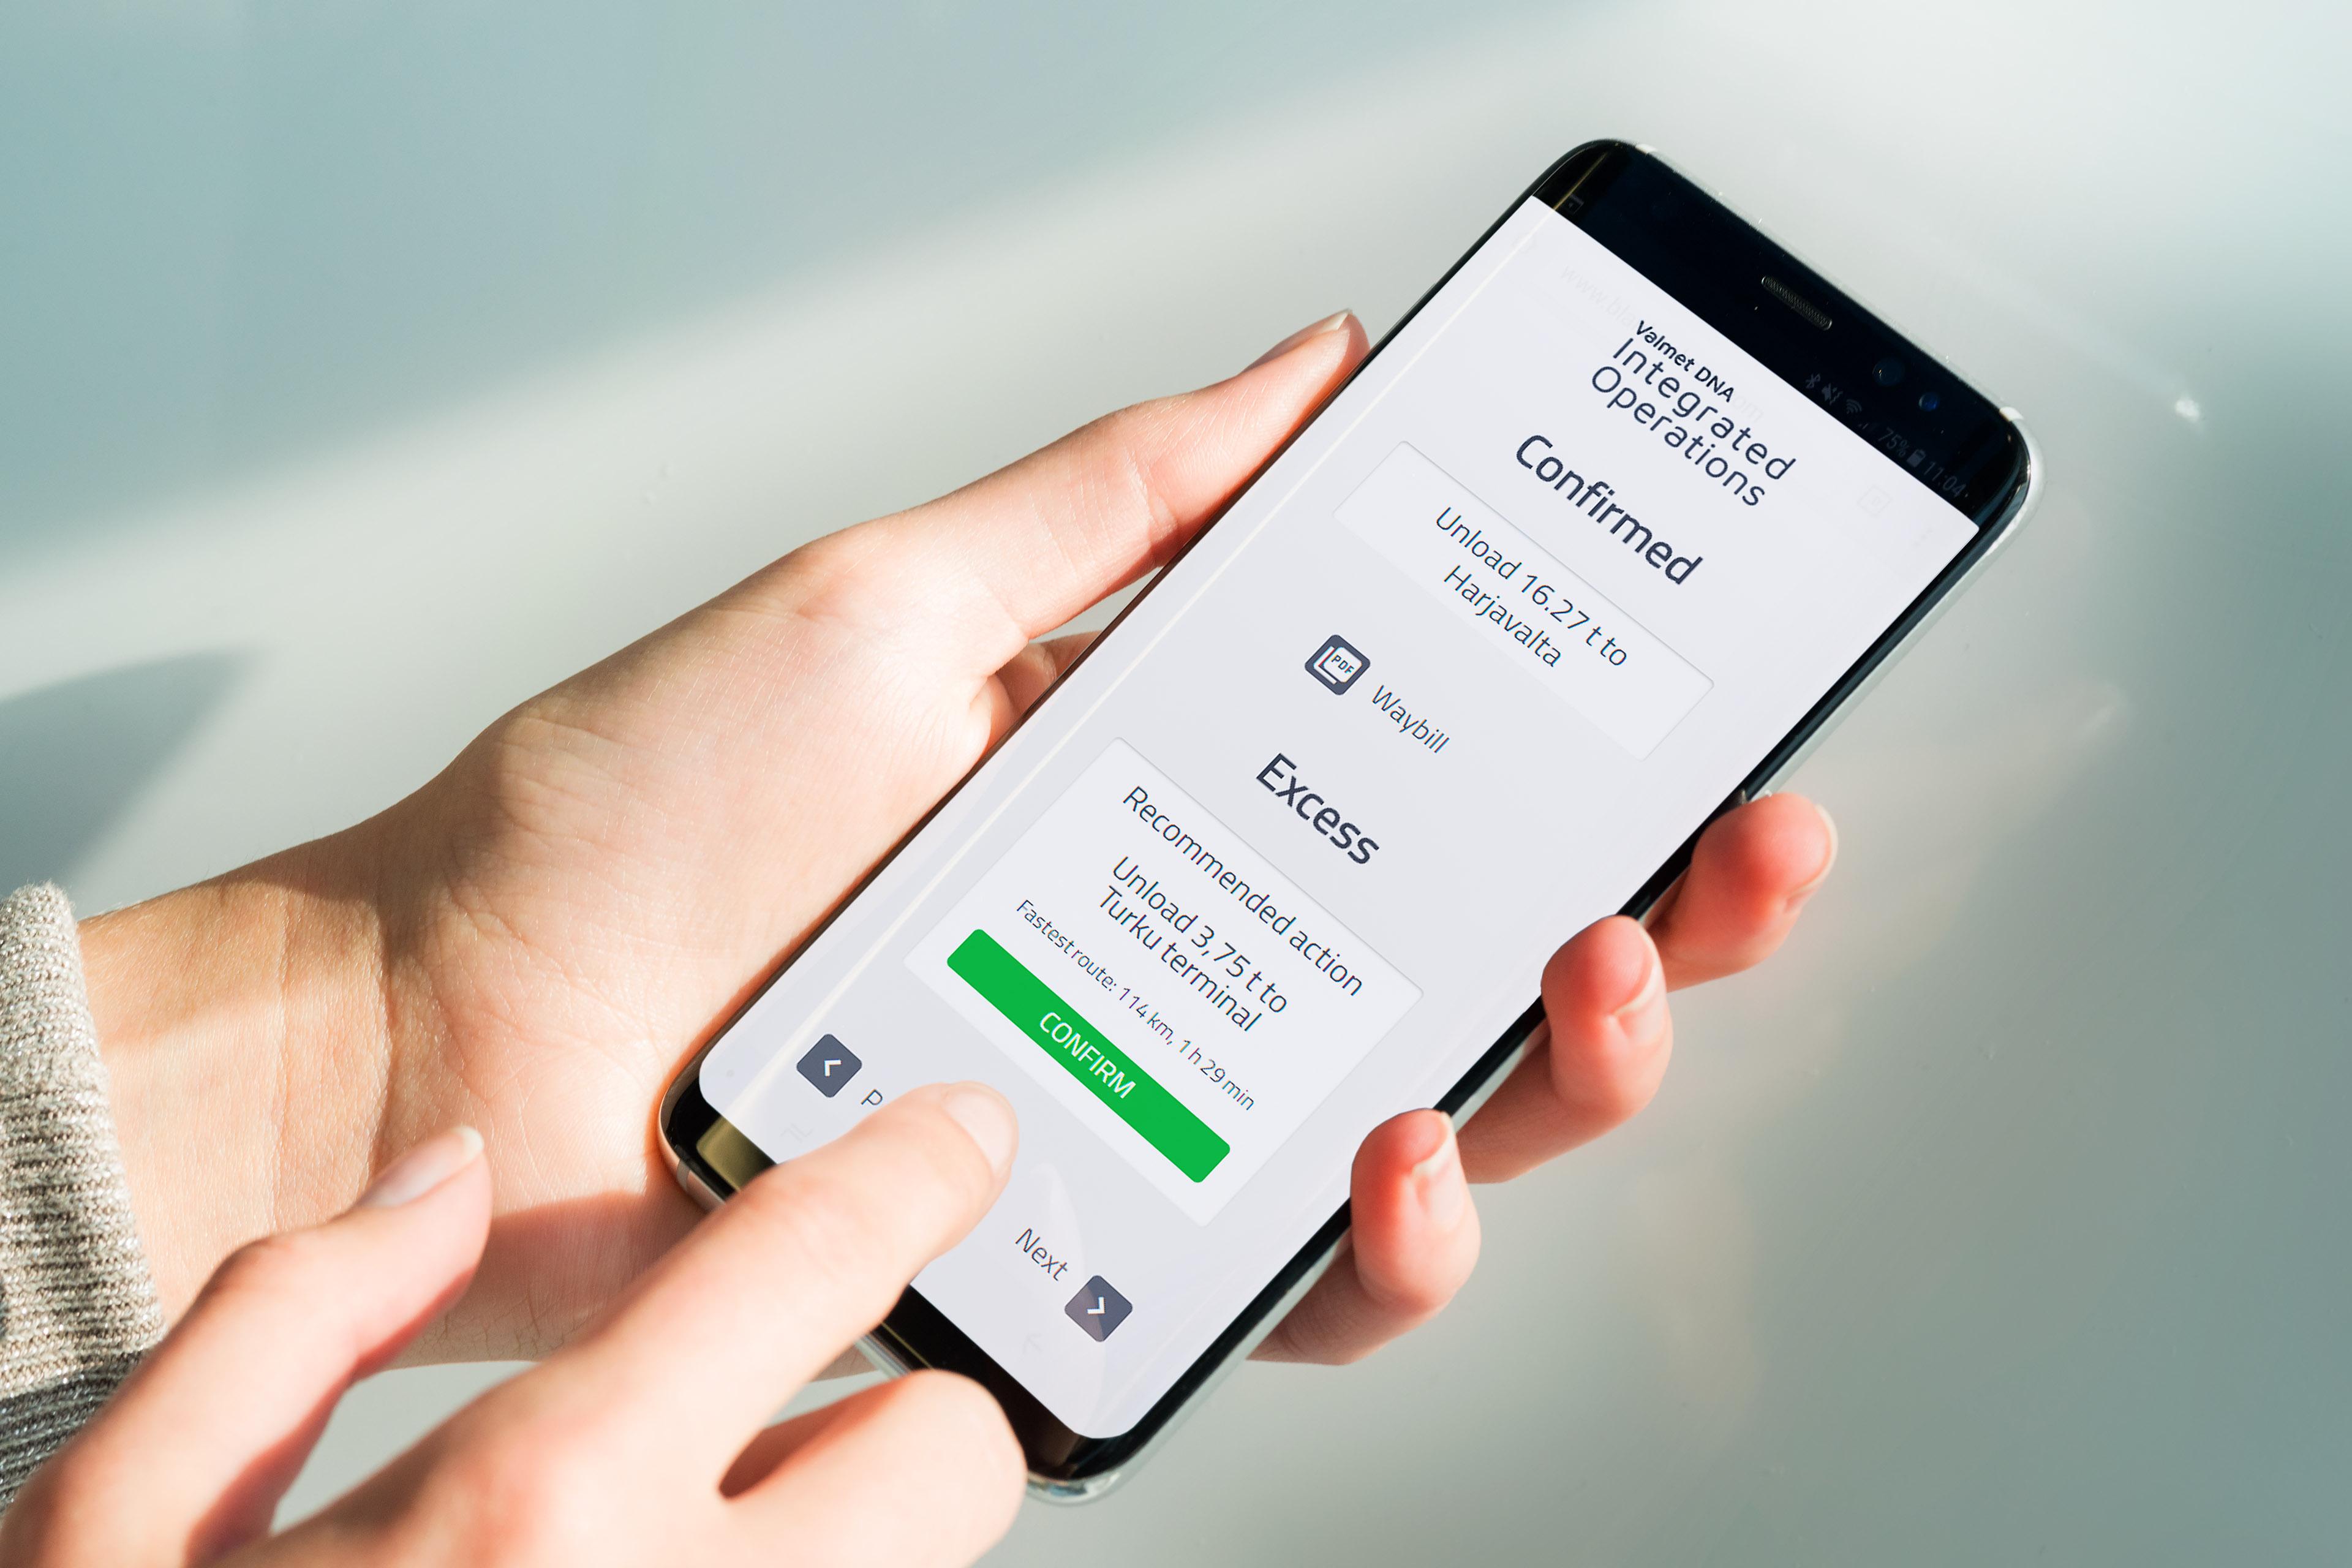 Yepzon avaa ohjelmointirajapintansa – Valmet paikanninteknologian jatkokehittäjänä ensimmäisten joukossa